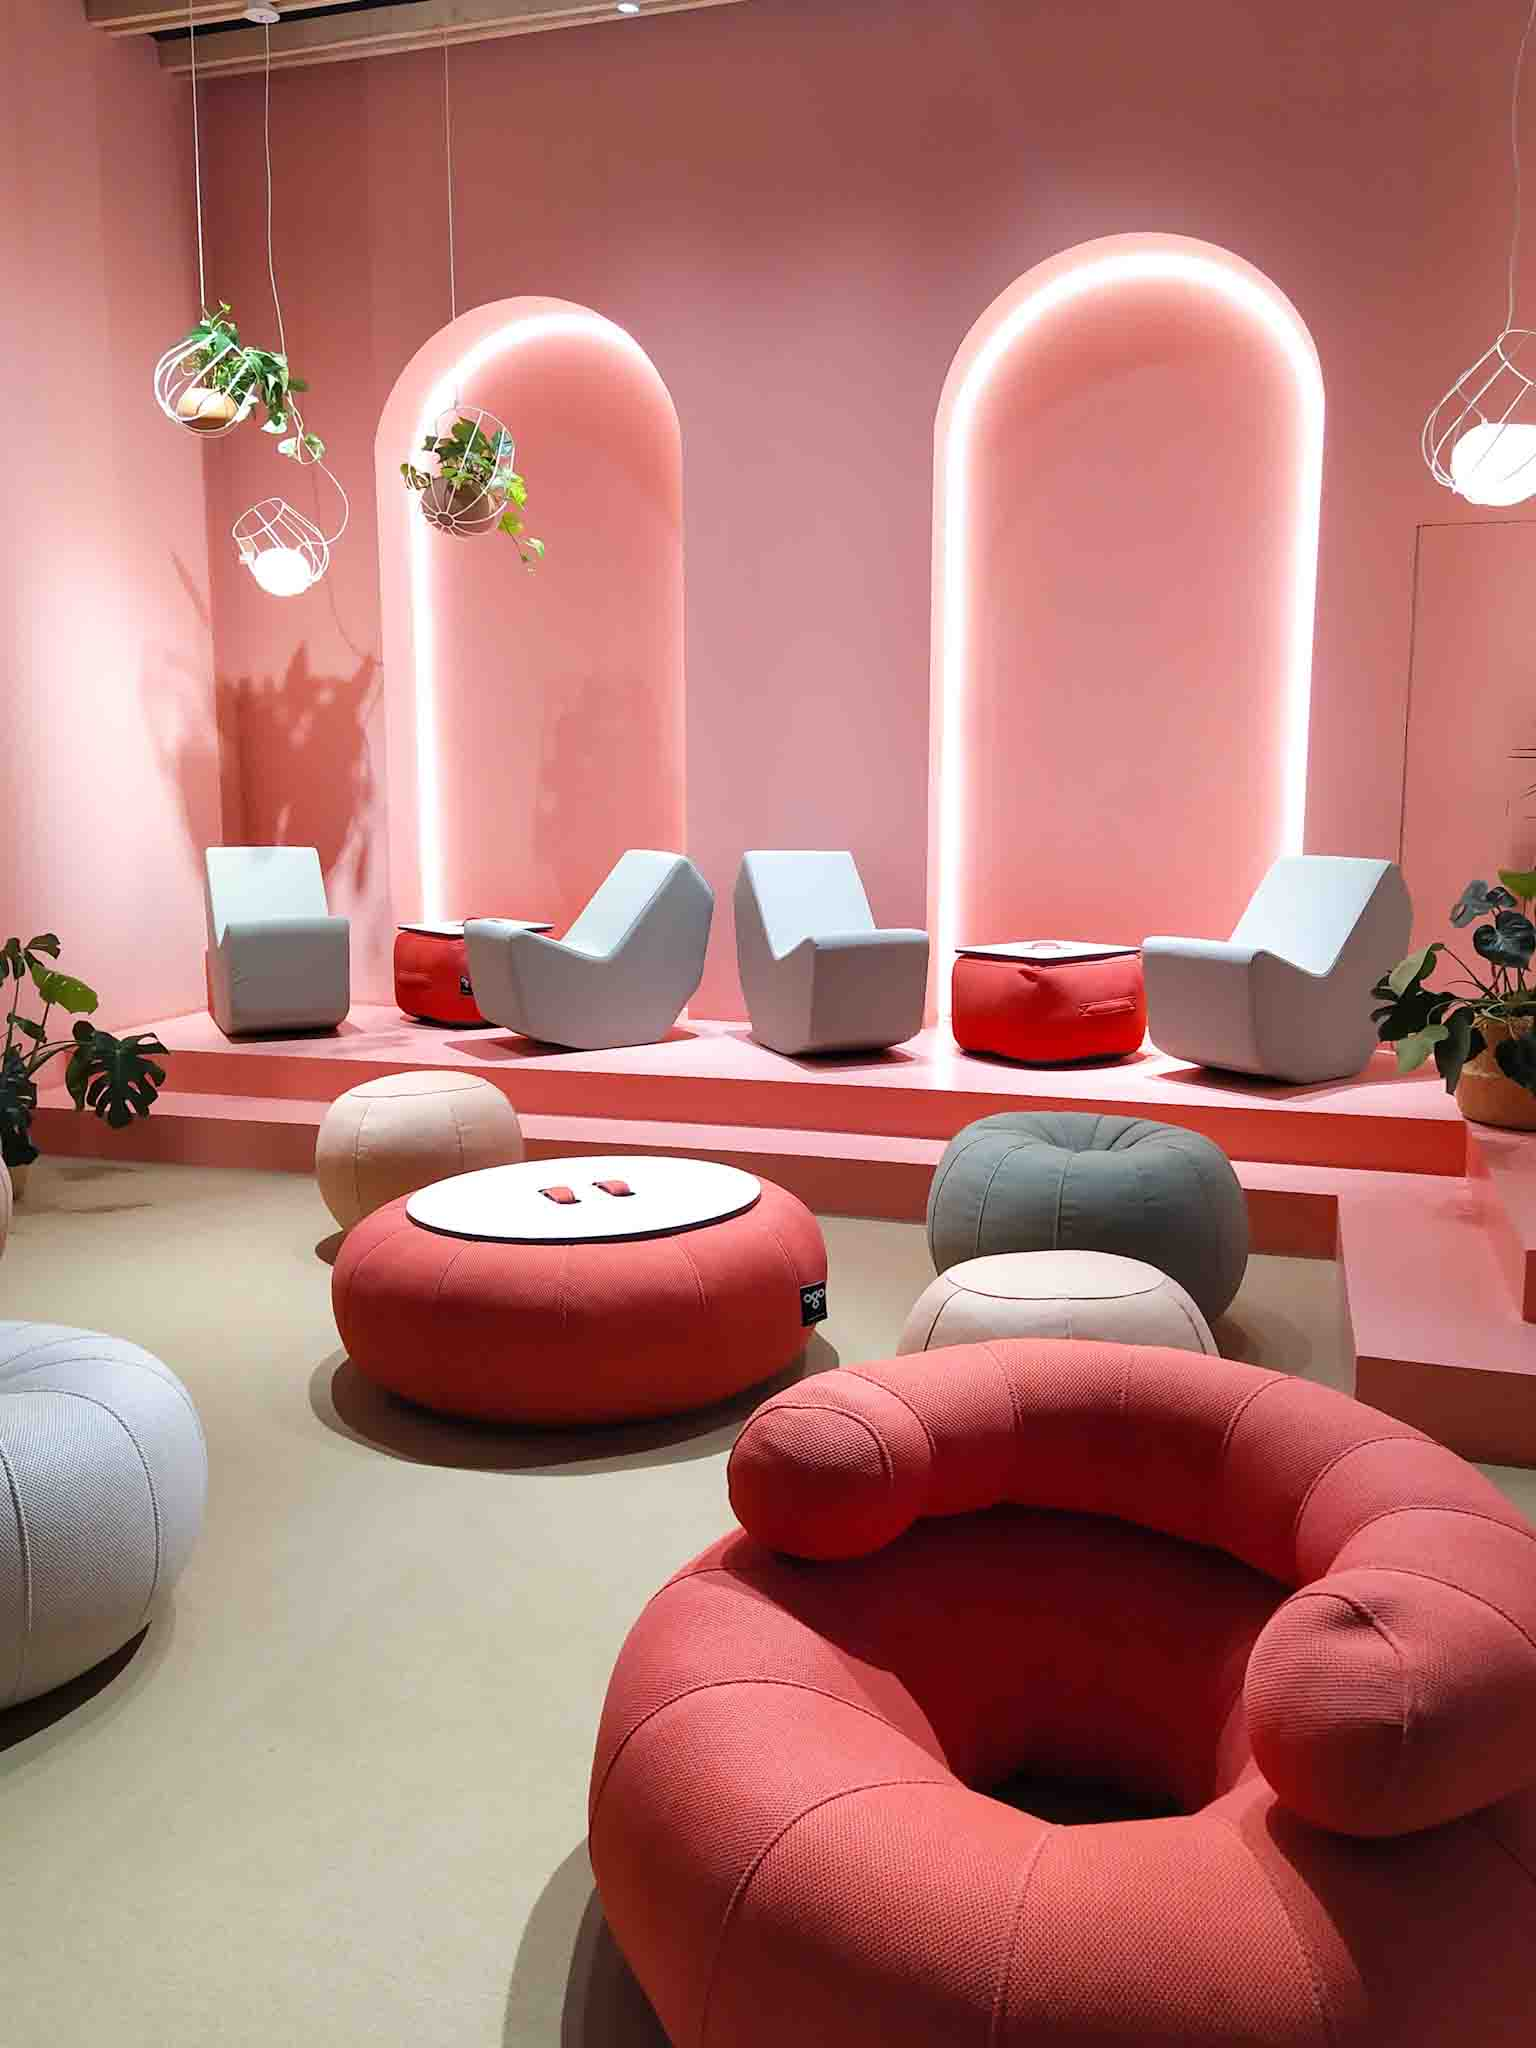 Visita de Mun interiorismo a Feria Habitat 2019 salon rosa